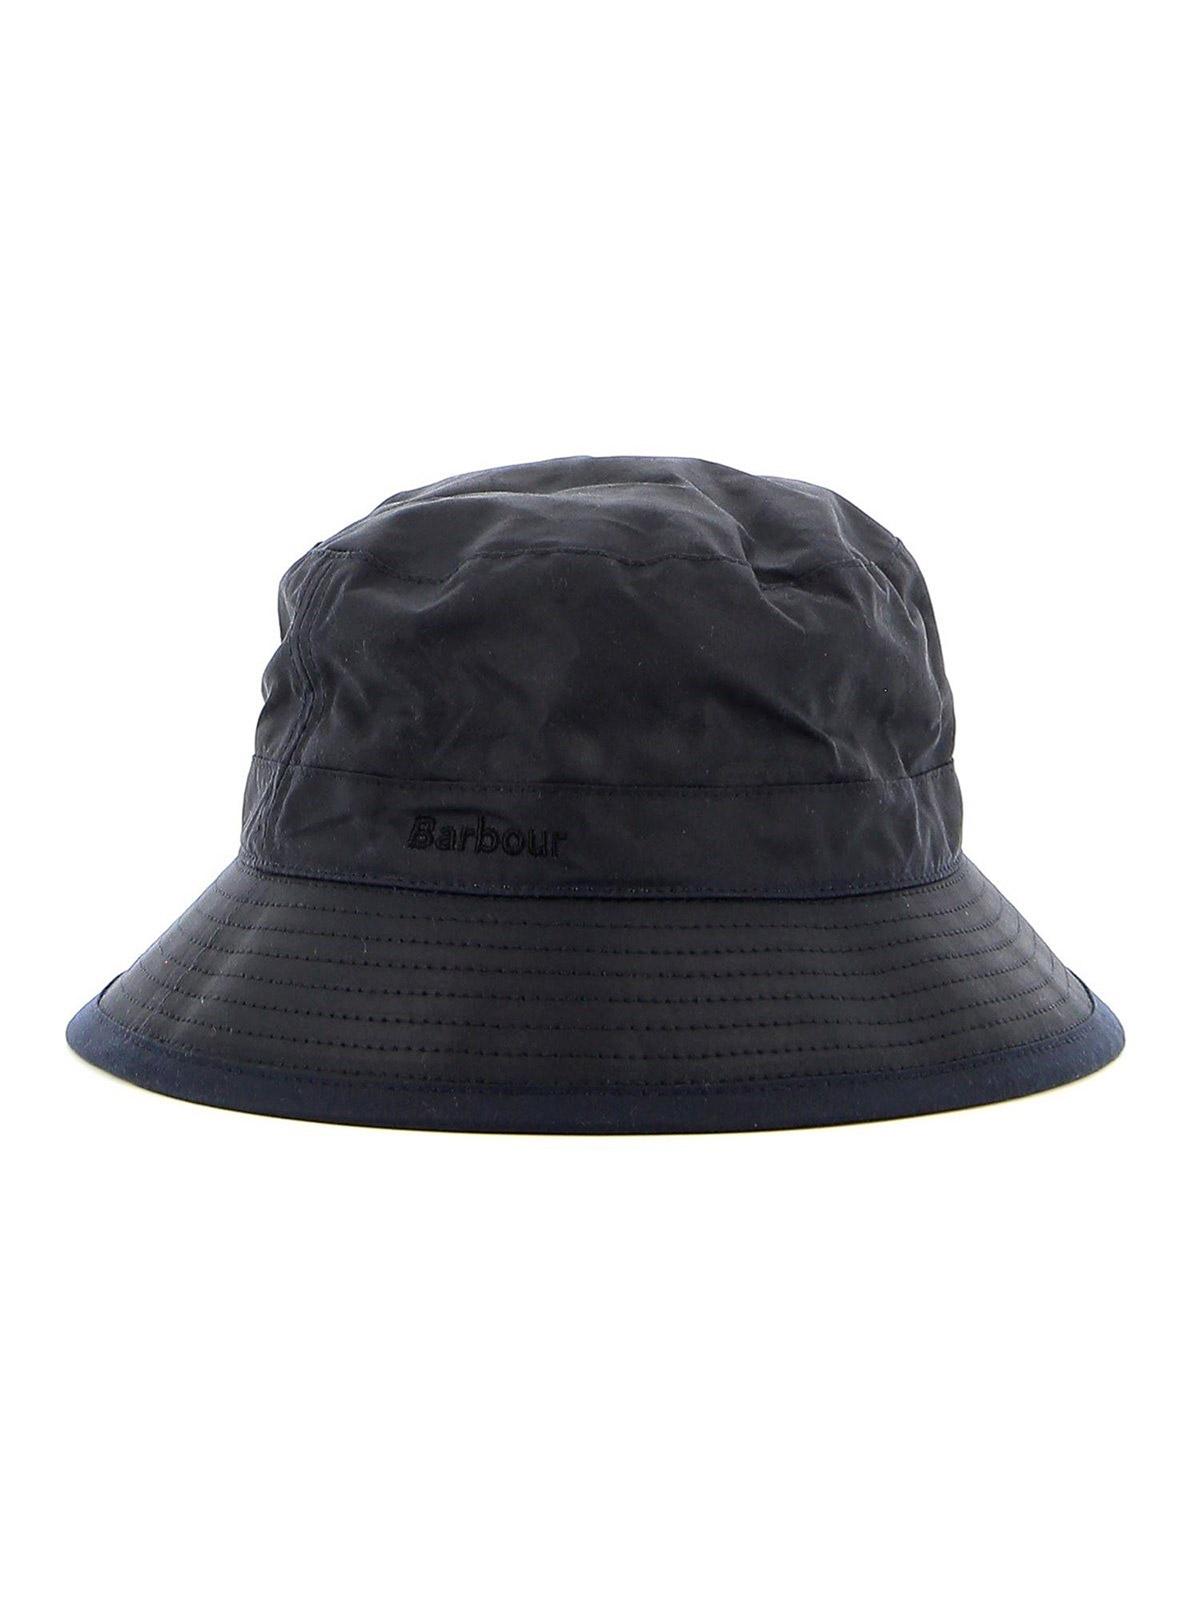 Immagine di Barbour | Hat Wax Sport Hat